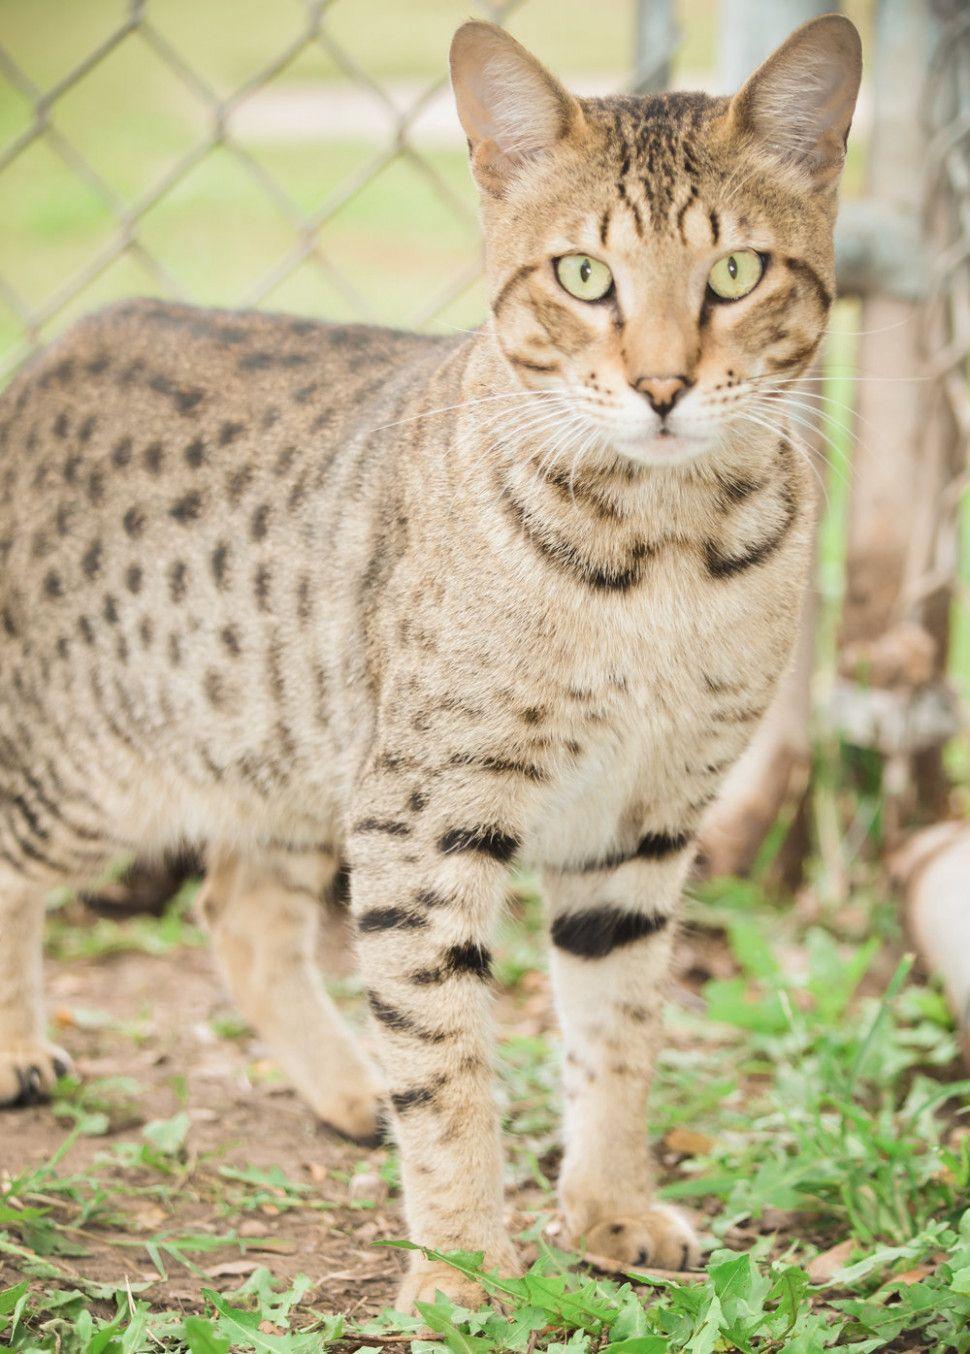 11 Cute A1 Savannah Cat Price In 2020 Savannah Cat Price Savannah Cat Serval Cats